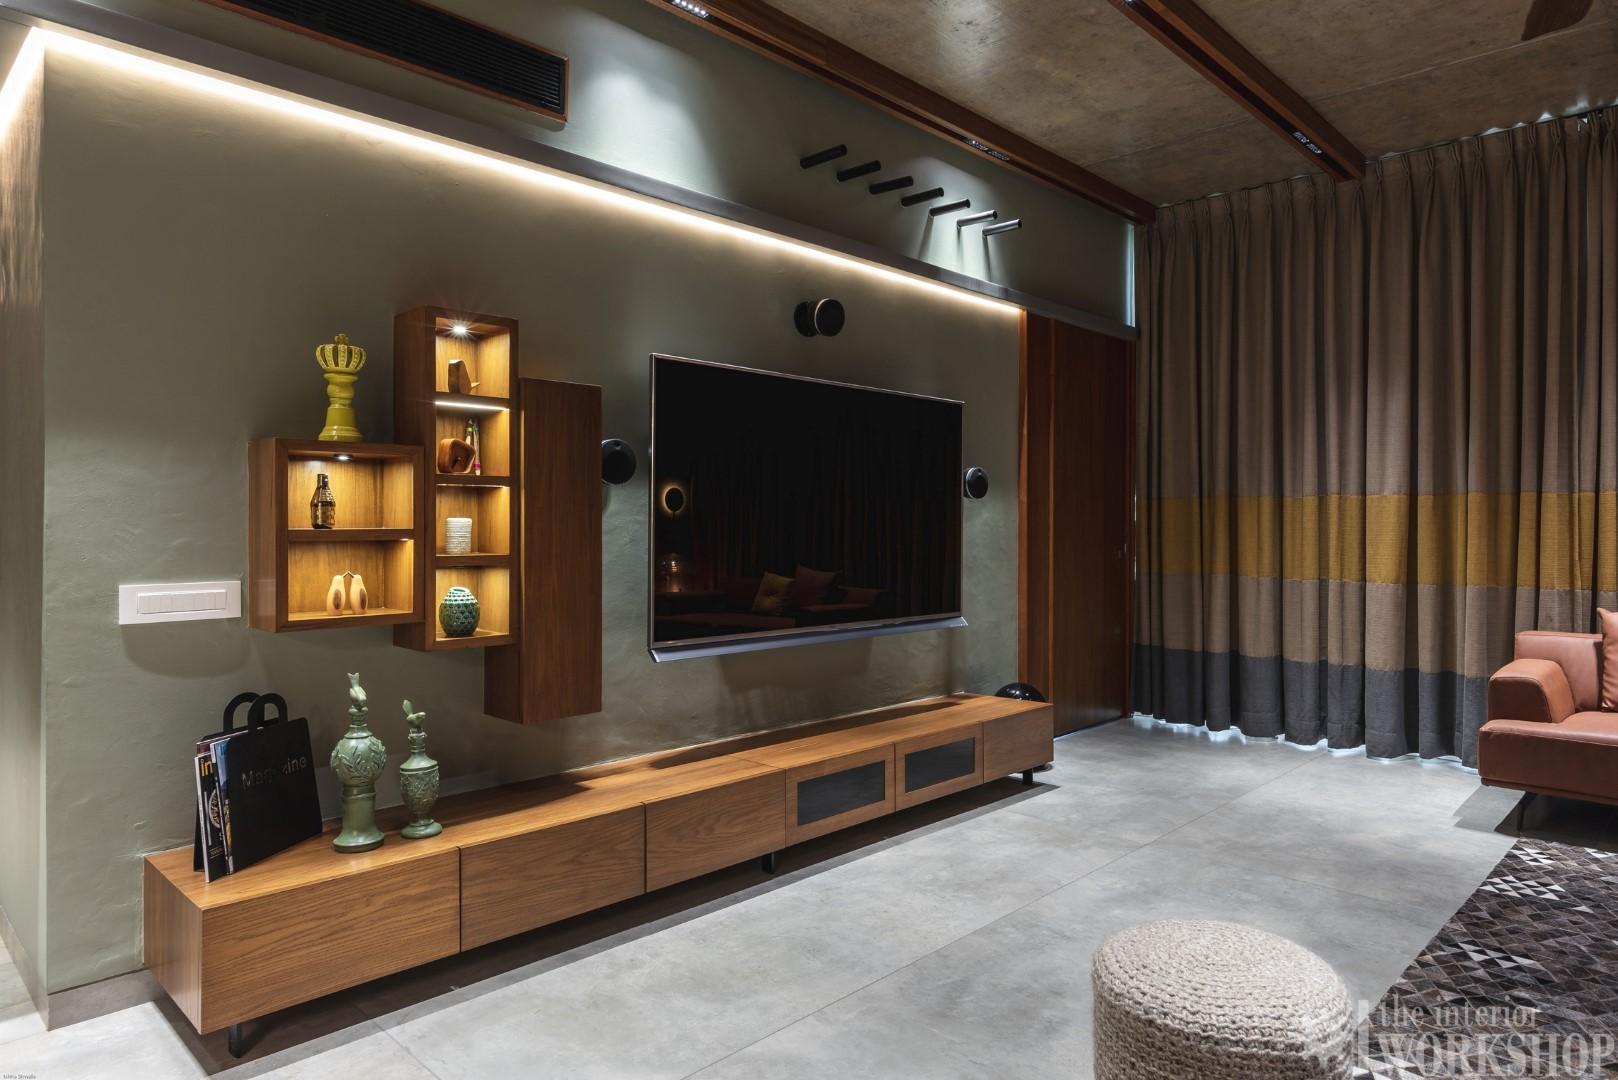 Rustic Minimalist Apartment Interiors The Interior